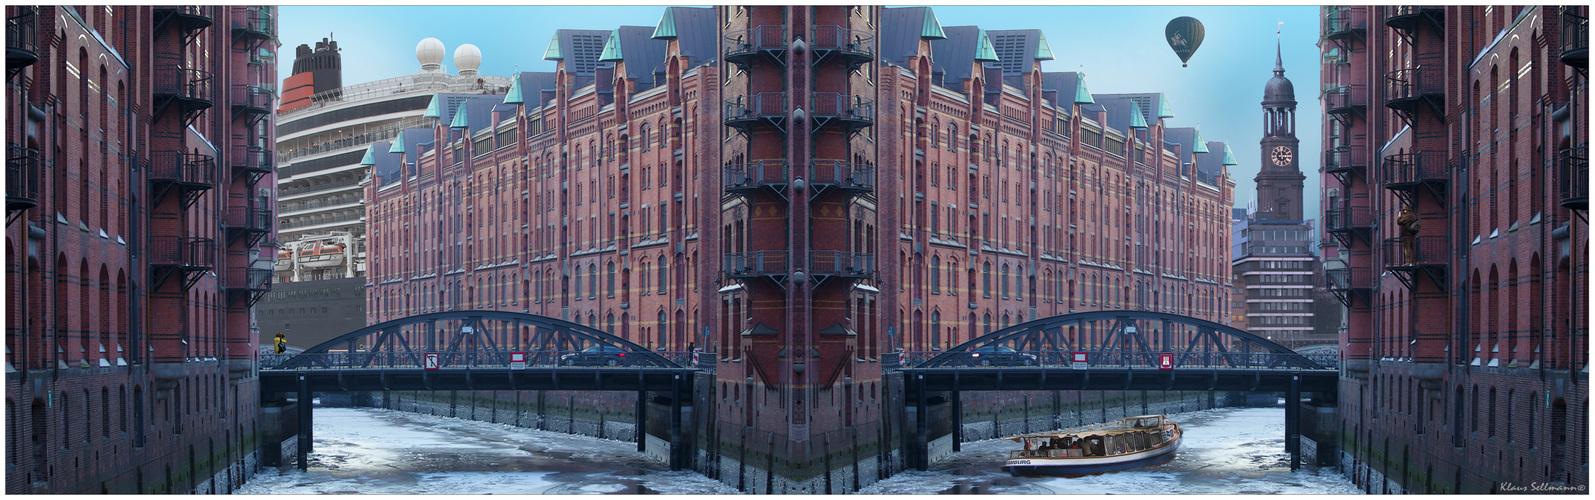 Speicherstadt-Collage